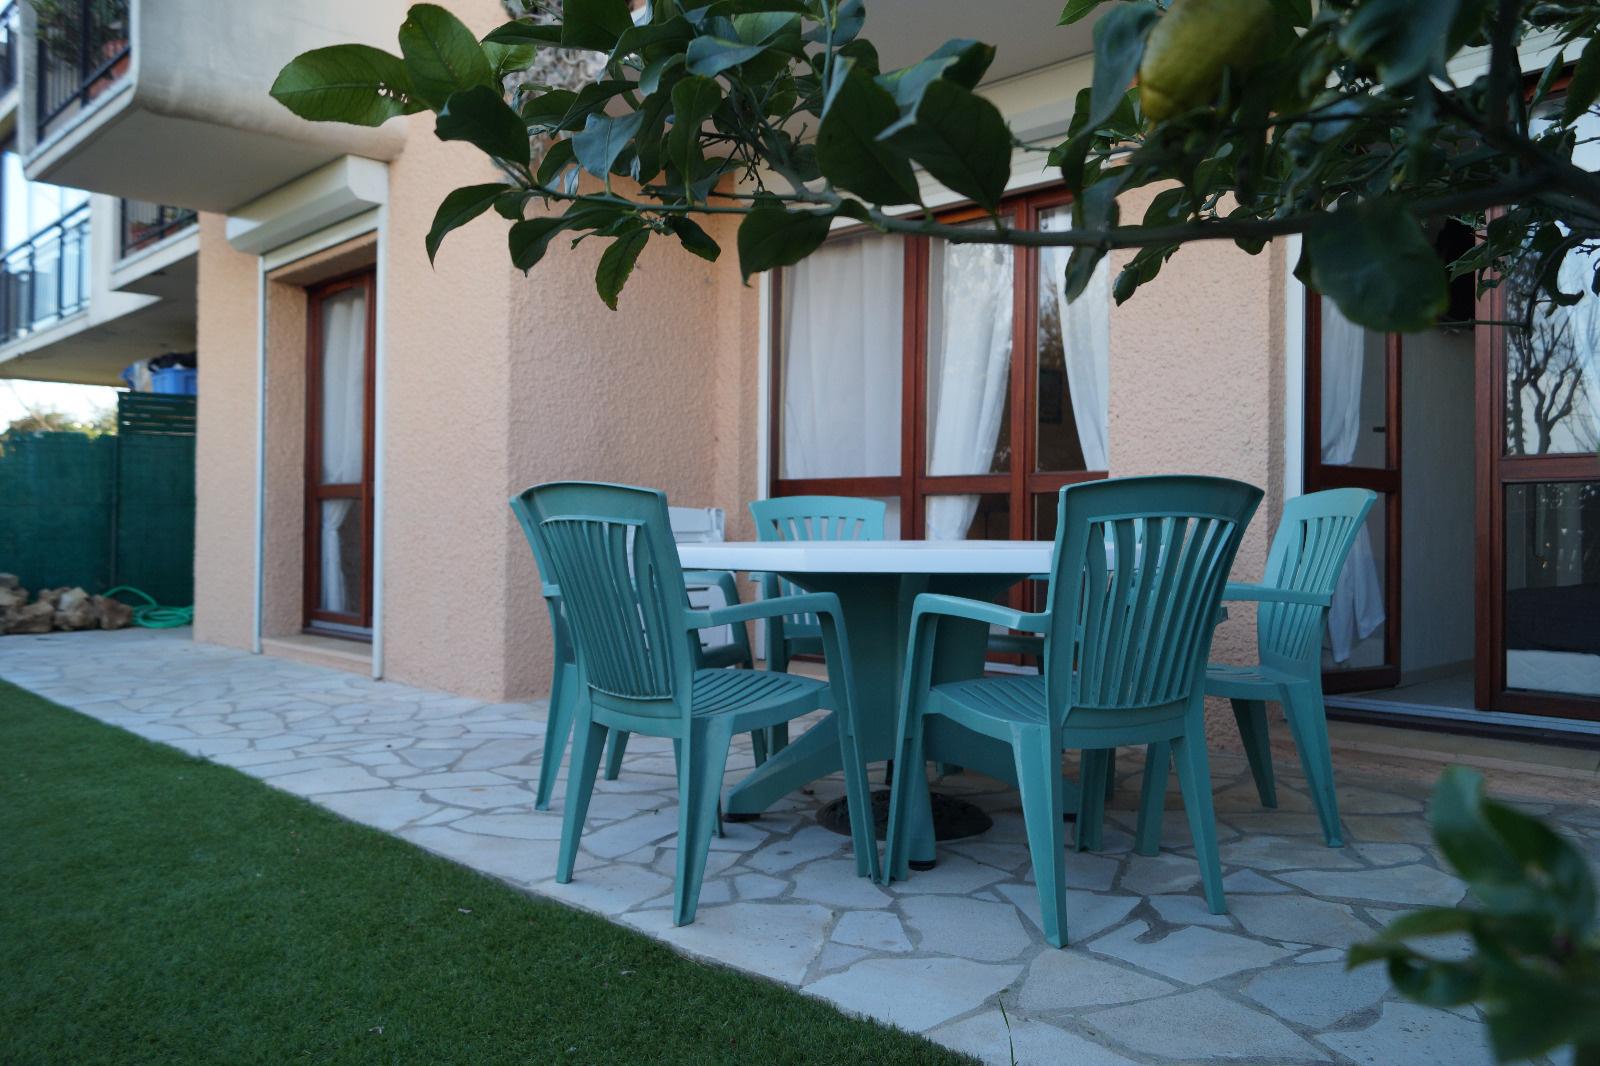 Location vacances juan les pins antibes golfe juan maisons appartements et studios louer - Location rez de jardin antibes ...